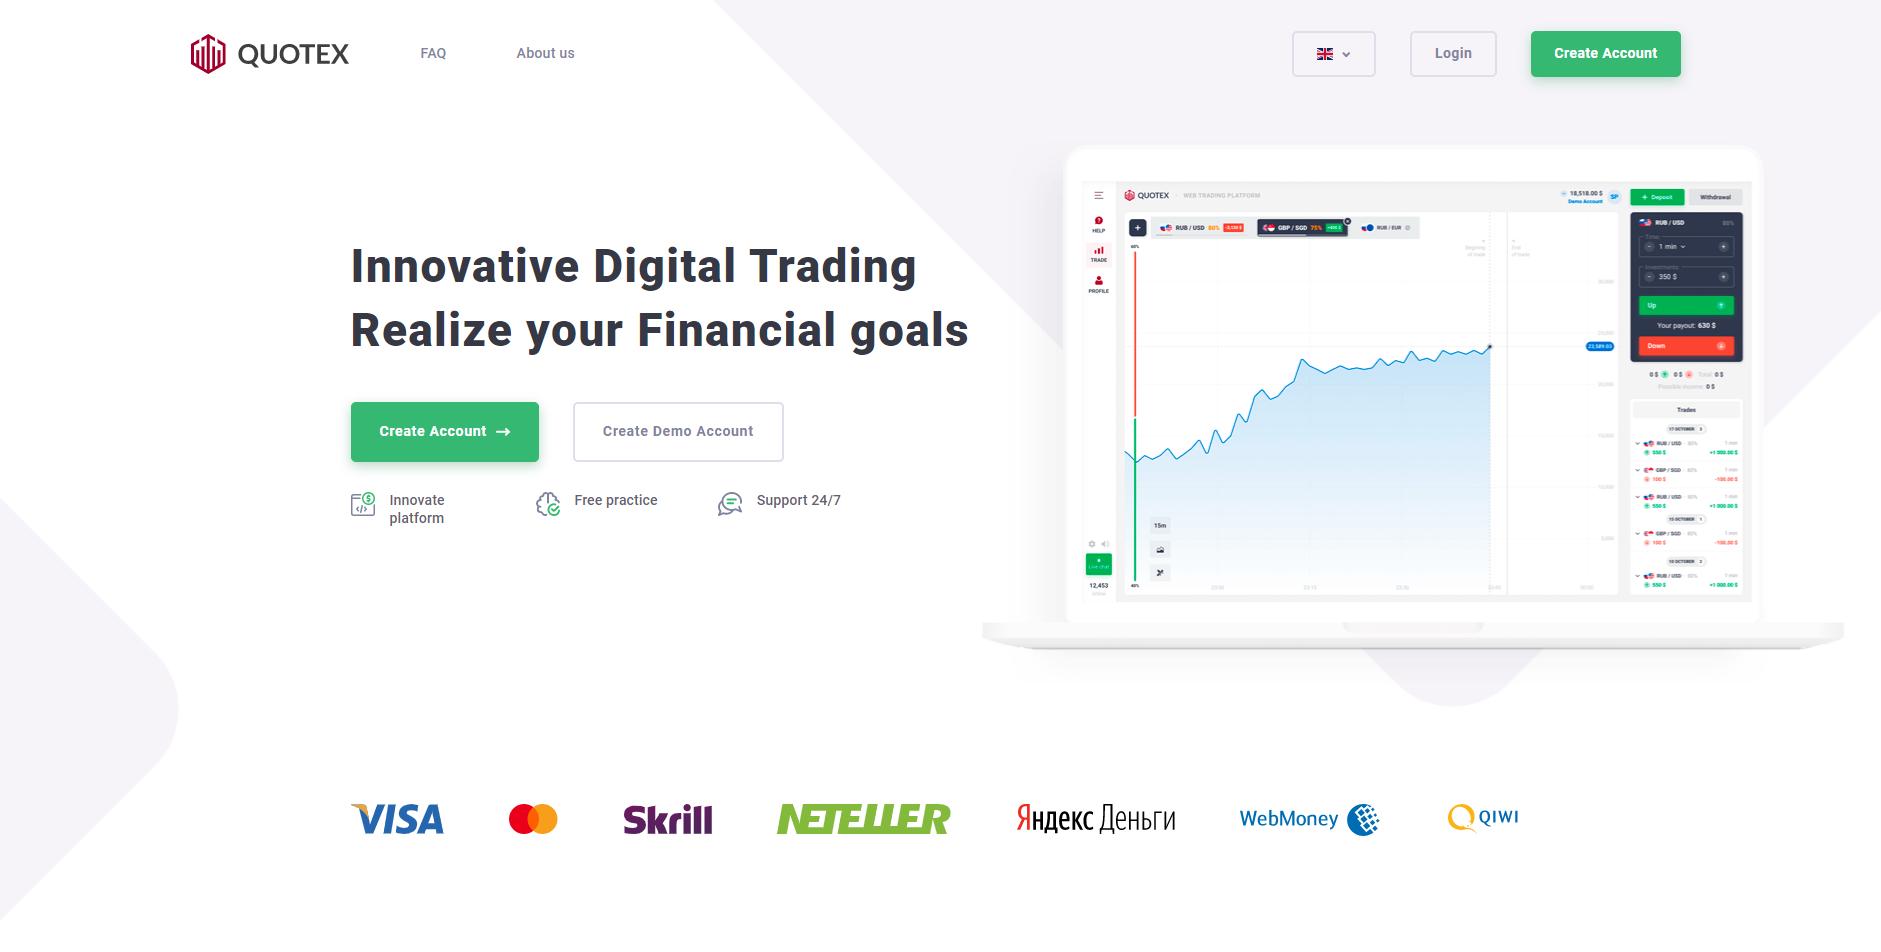 Quotex.io officiële website